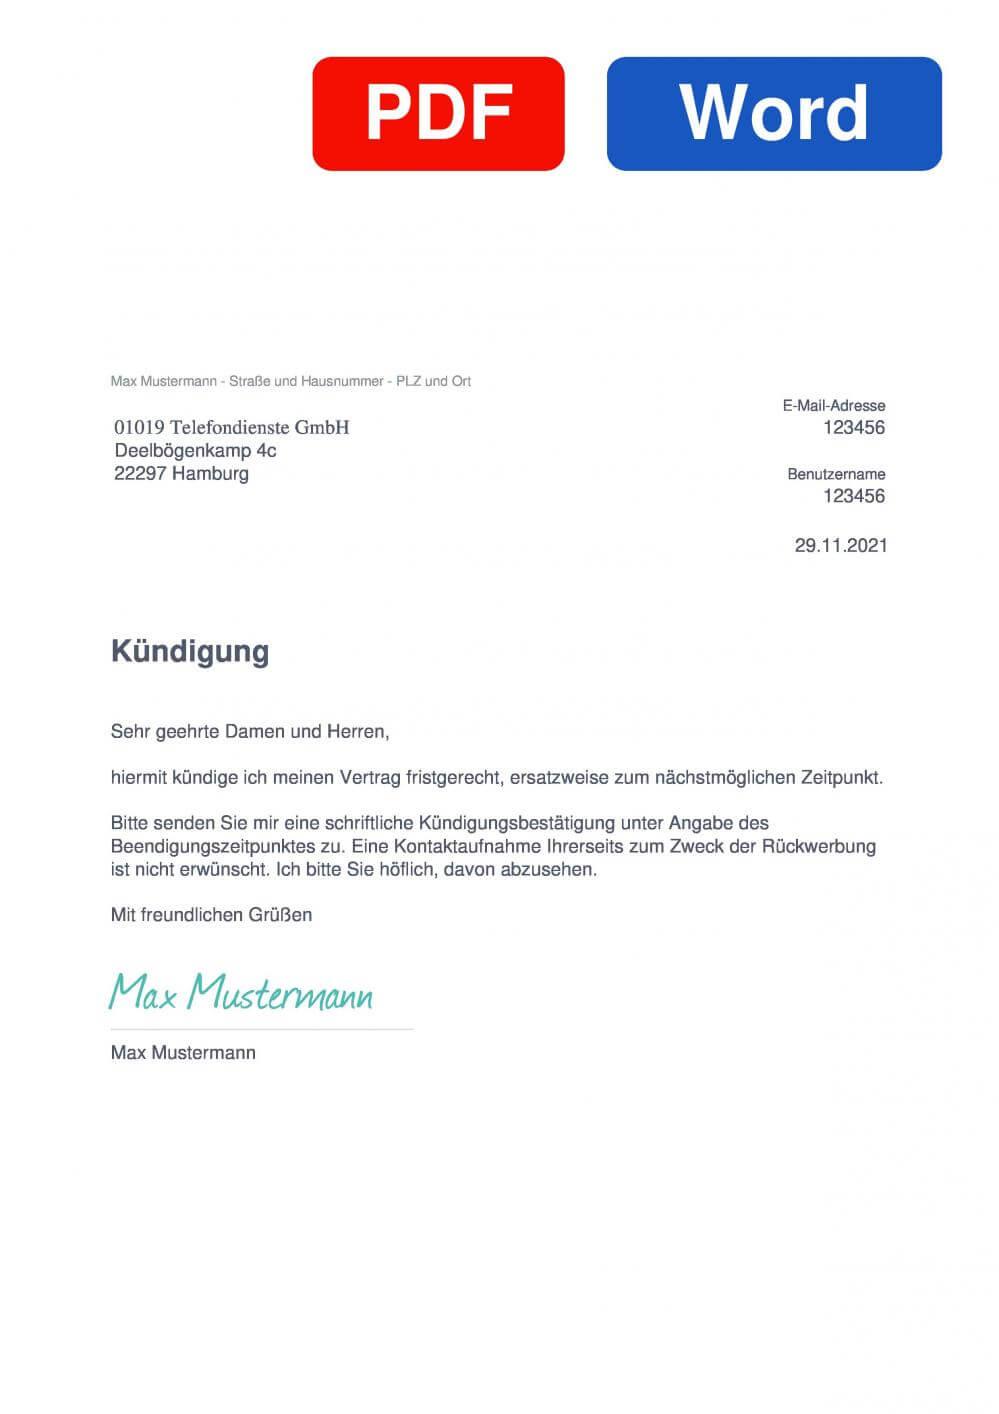 01019 Telefondienste Muster Vorlage für Kündigungsschreiben